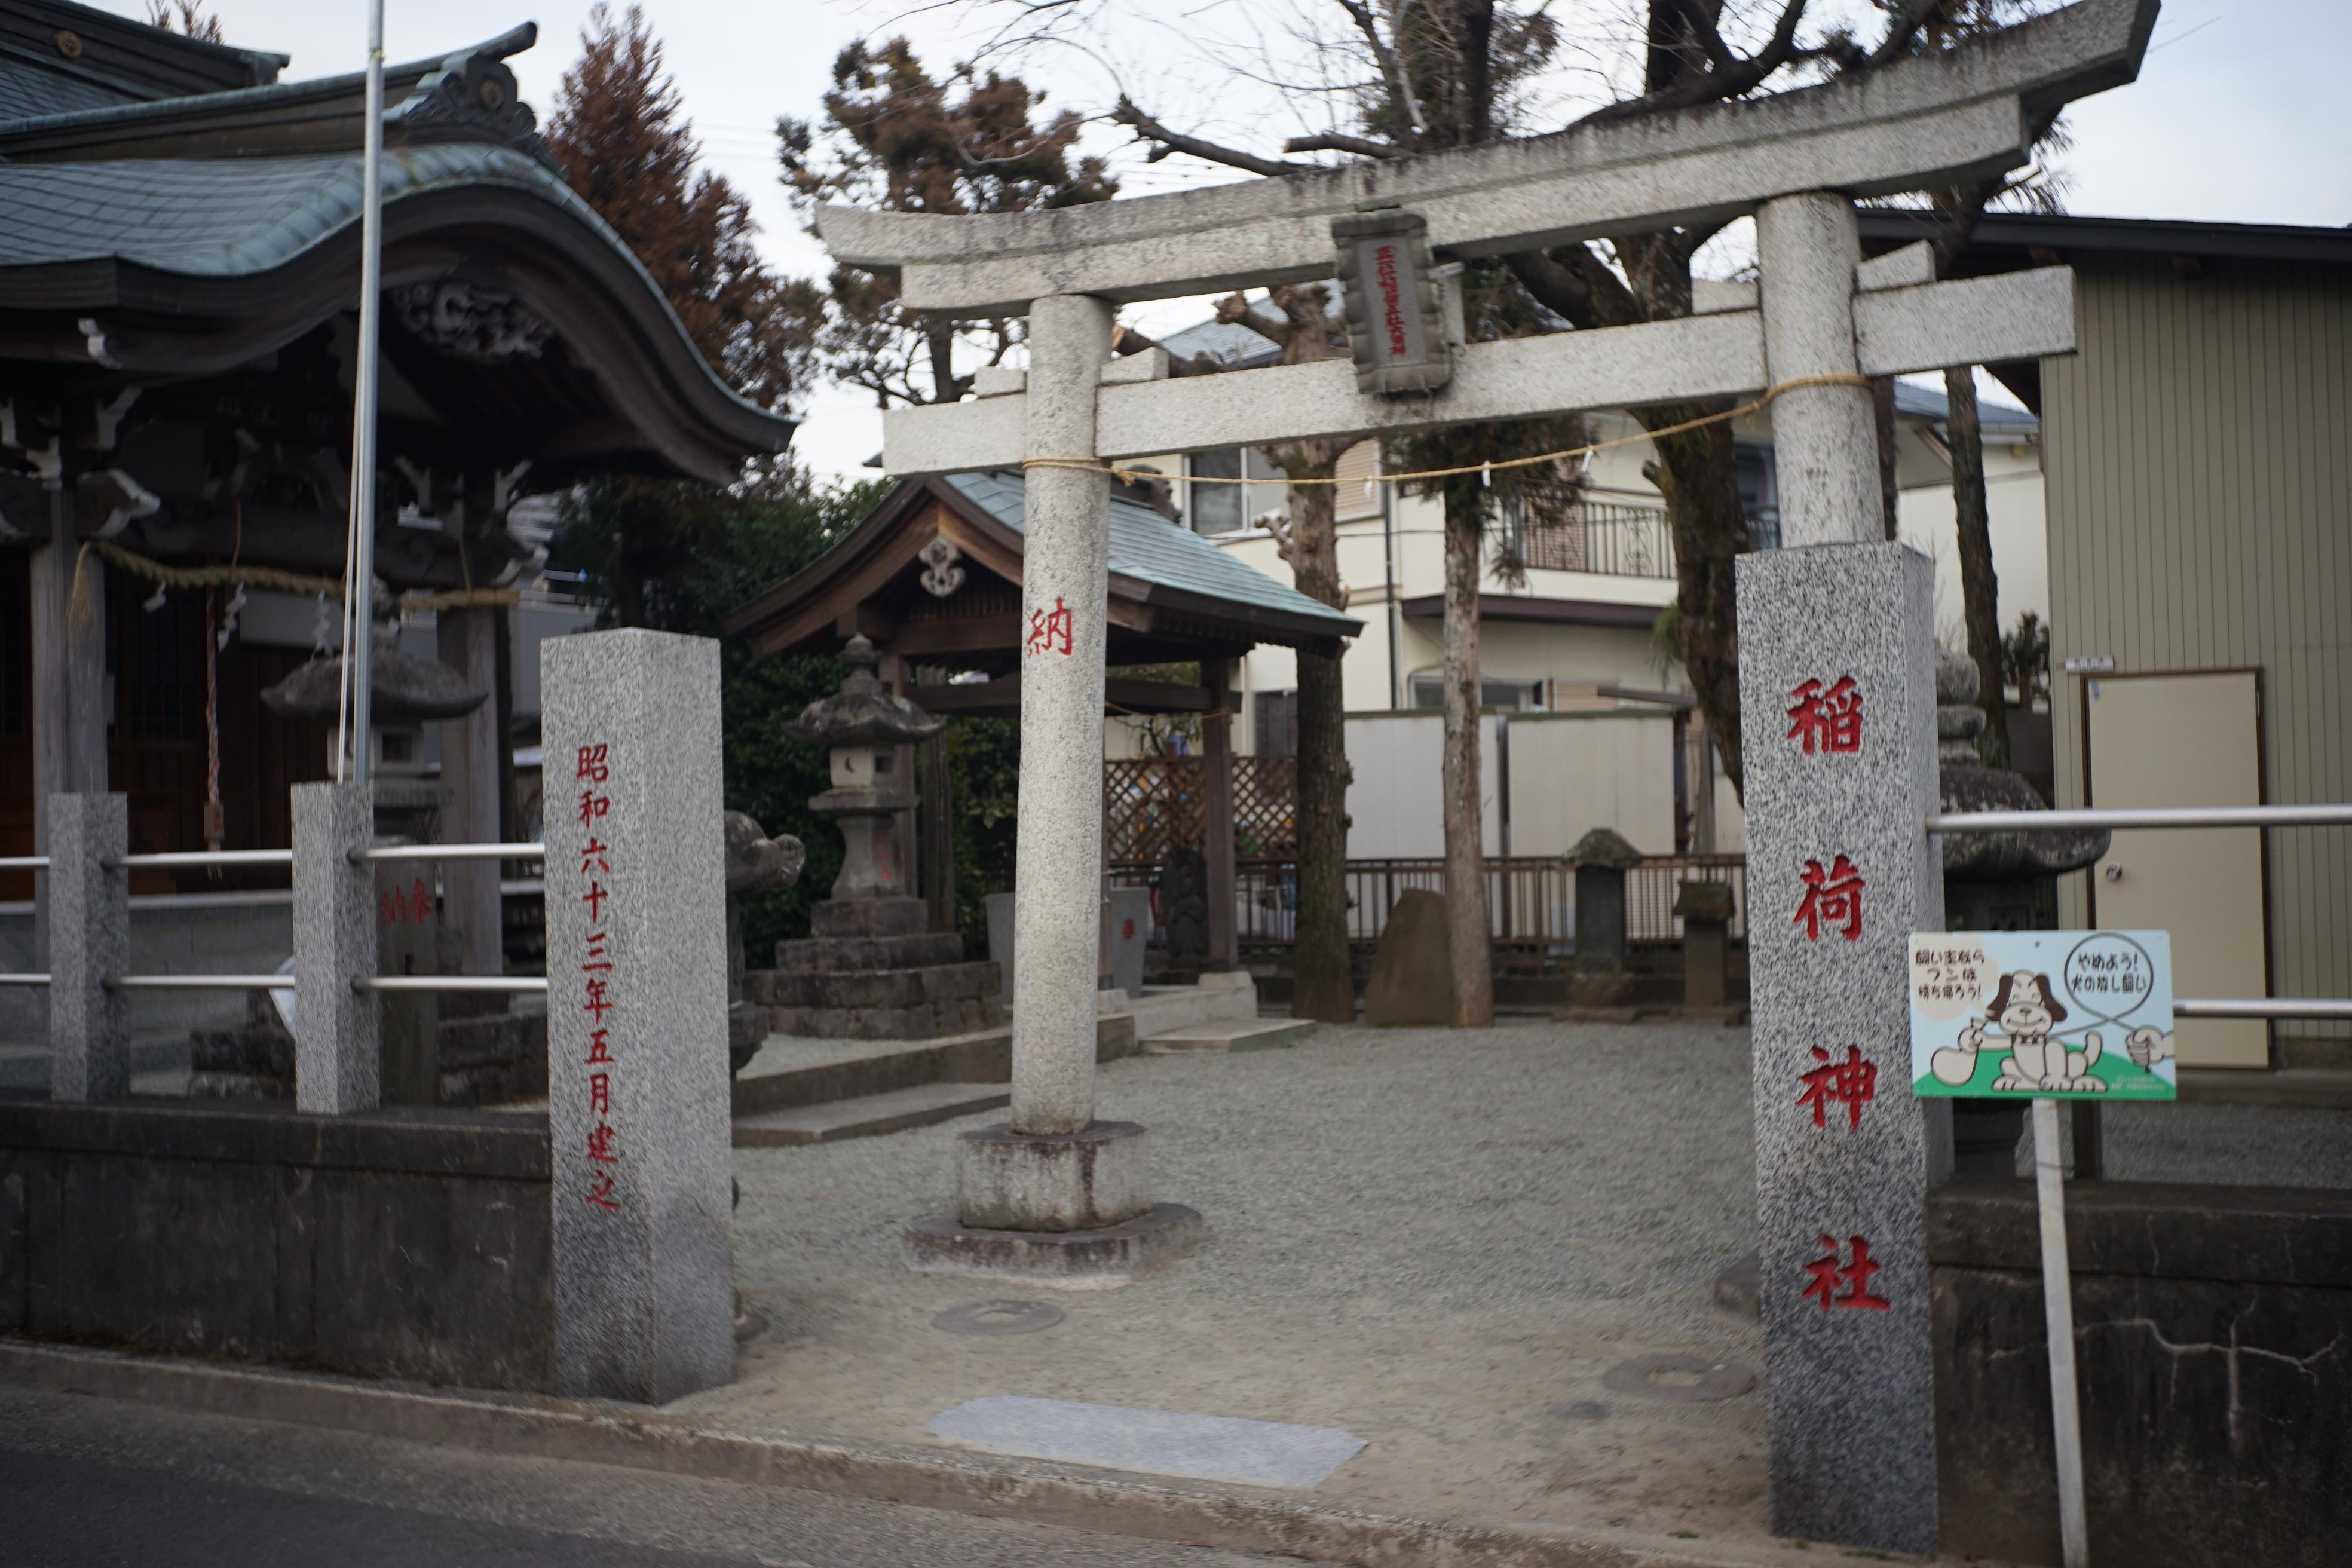 神社仏閣15「稲荷神社」小田急小田原線富水付近5